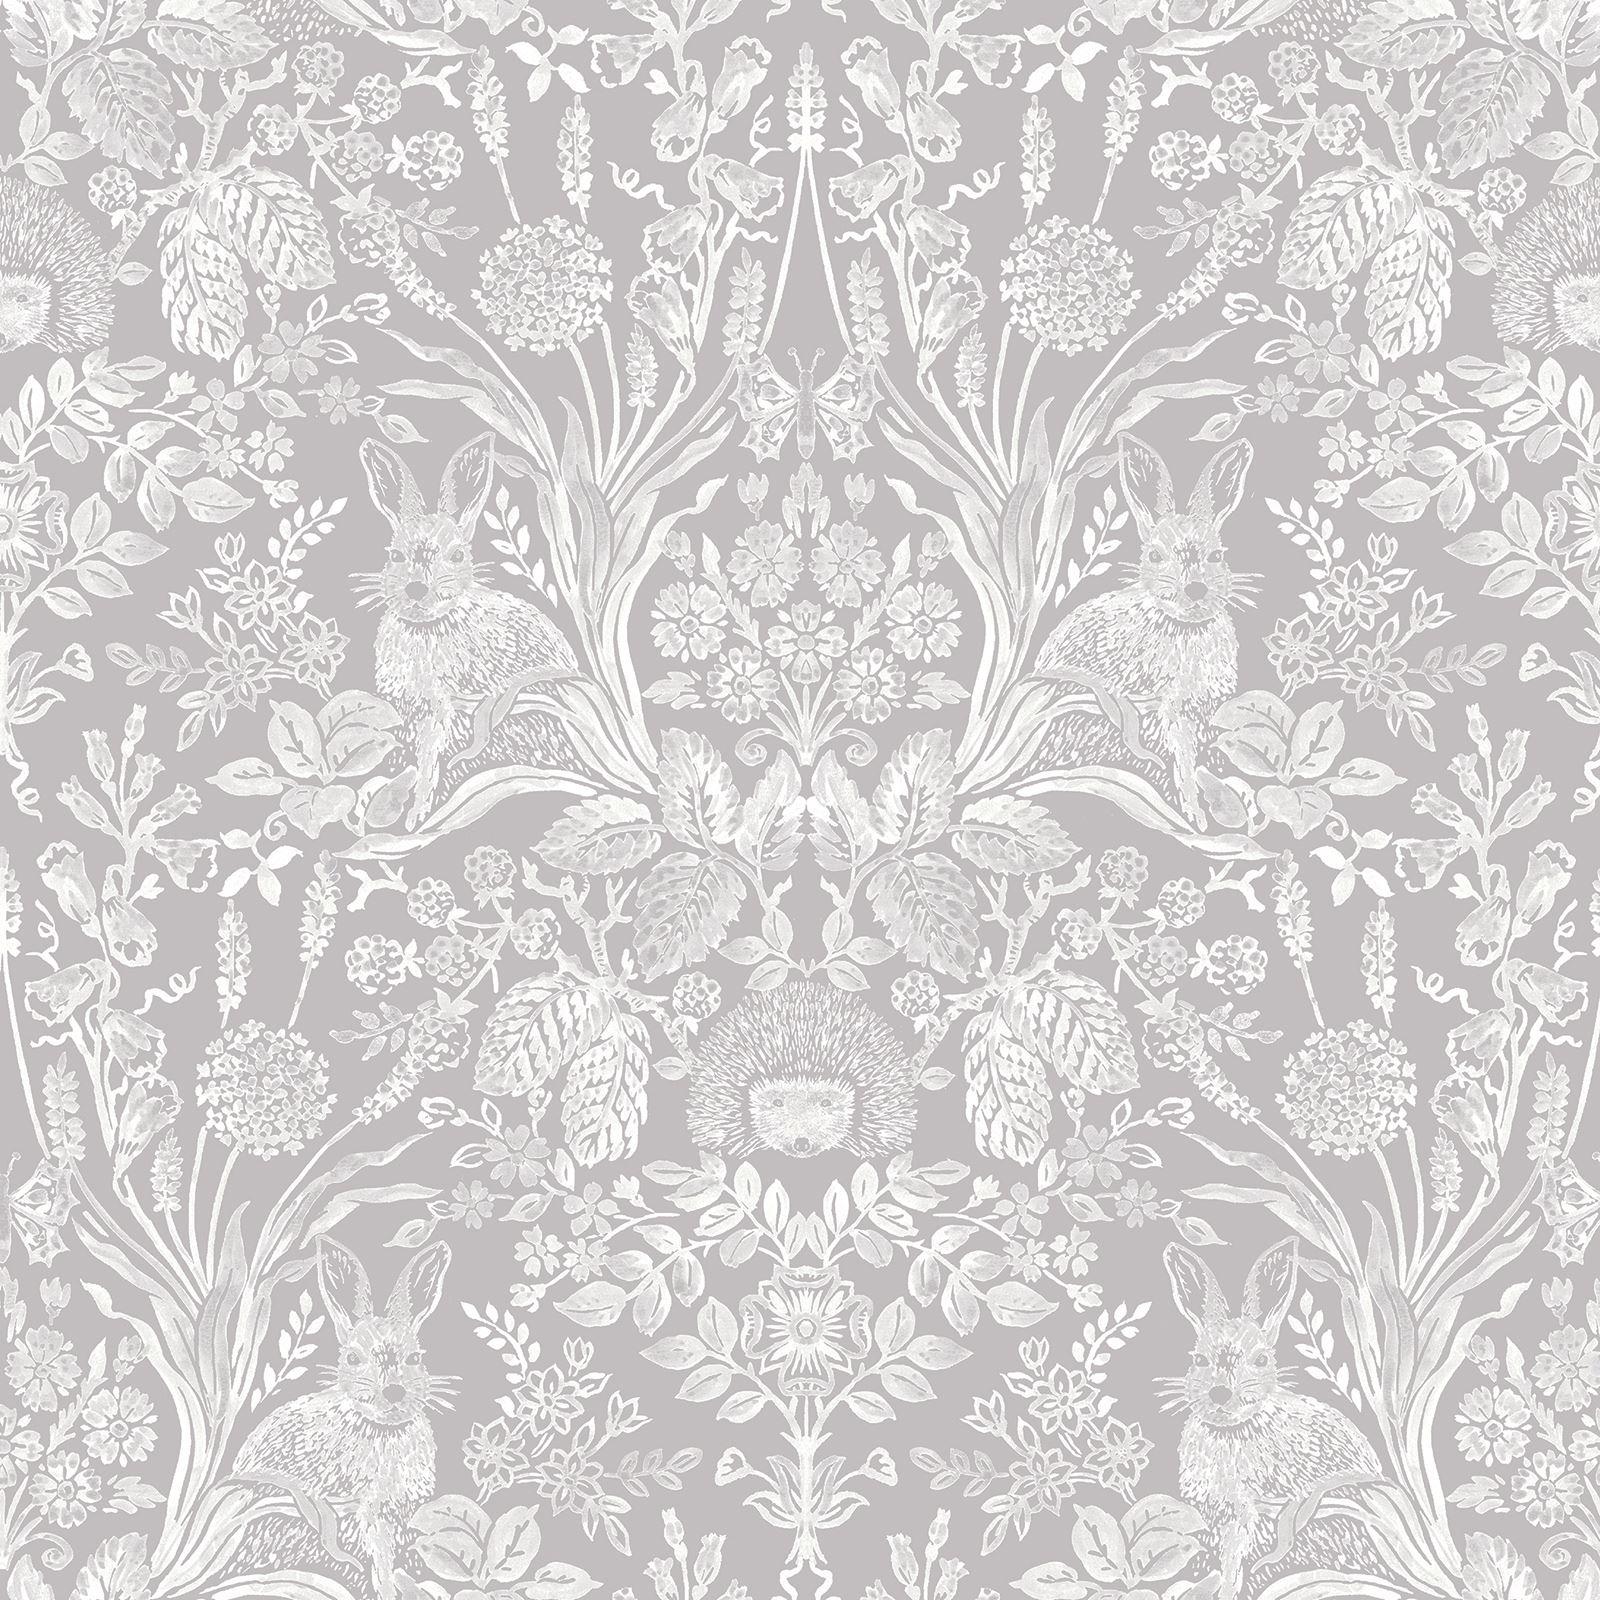 holden harlen woodland damask wallpaper animals flowers. Black Bedroom Furniture Sets. Home Design Ideas